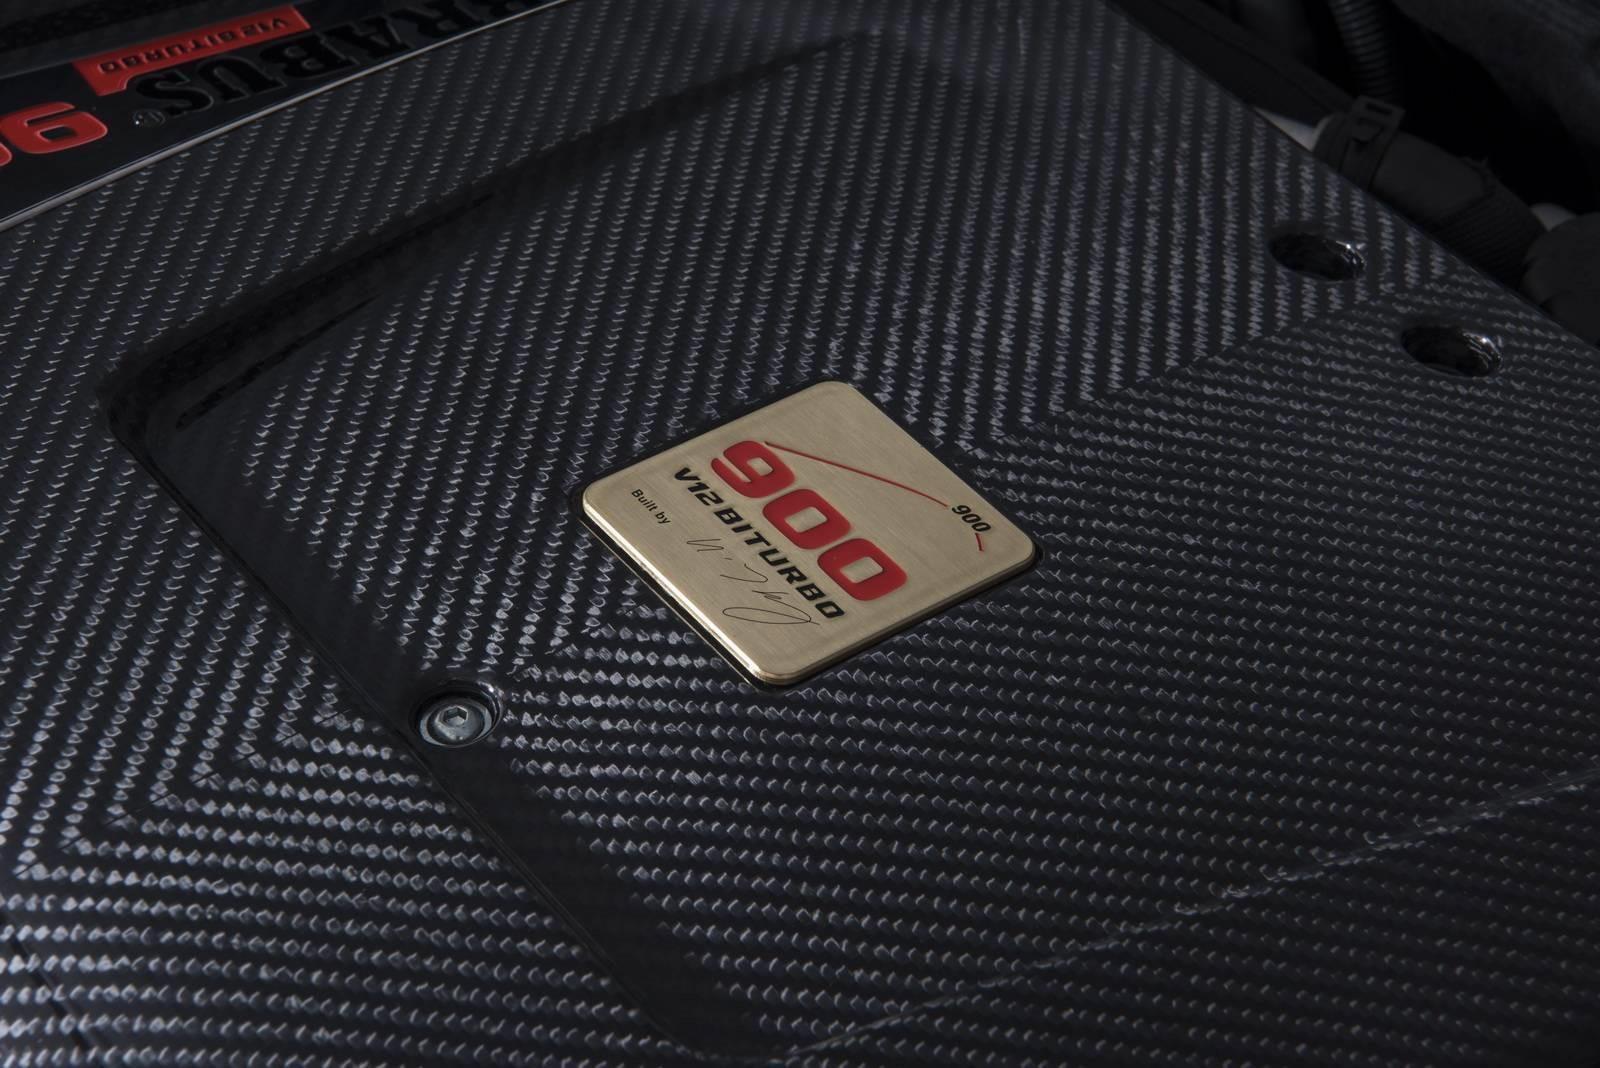 le-cabriolet-4-places-le-plus-puissant-et-le-plus-rapide-au-monde-brabus-rocket-900-cabriolet-411-14.jpg